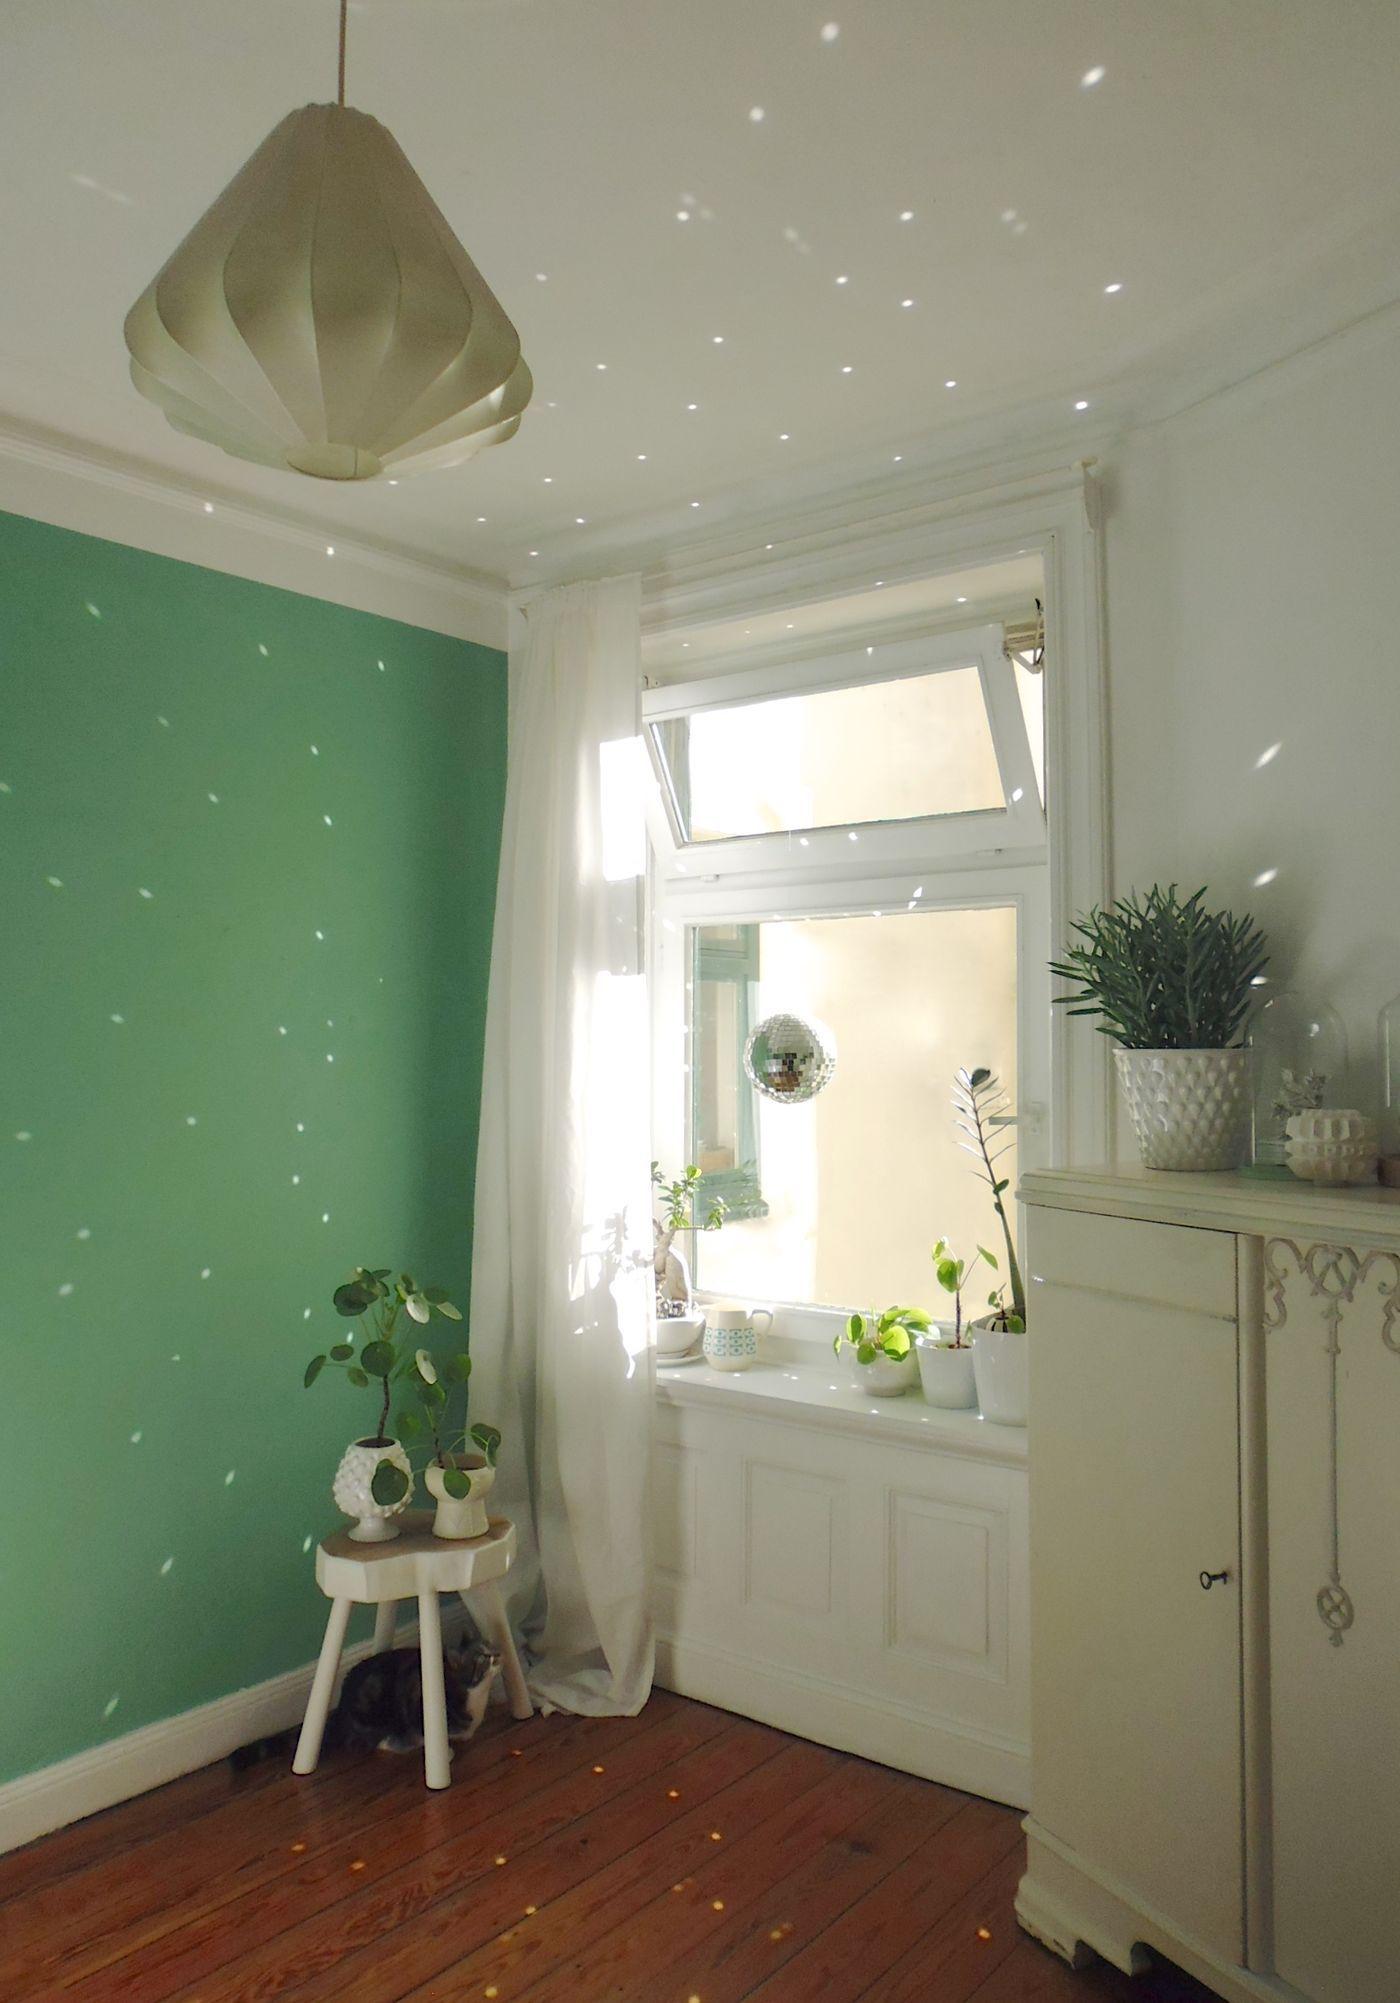 die sch nsten pflanzen deko ideen seite 5. Black Bedroom Furniture Sets. Home Design Ideas